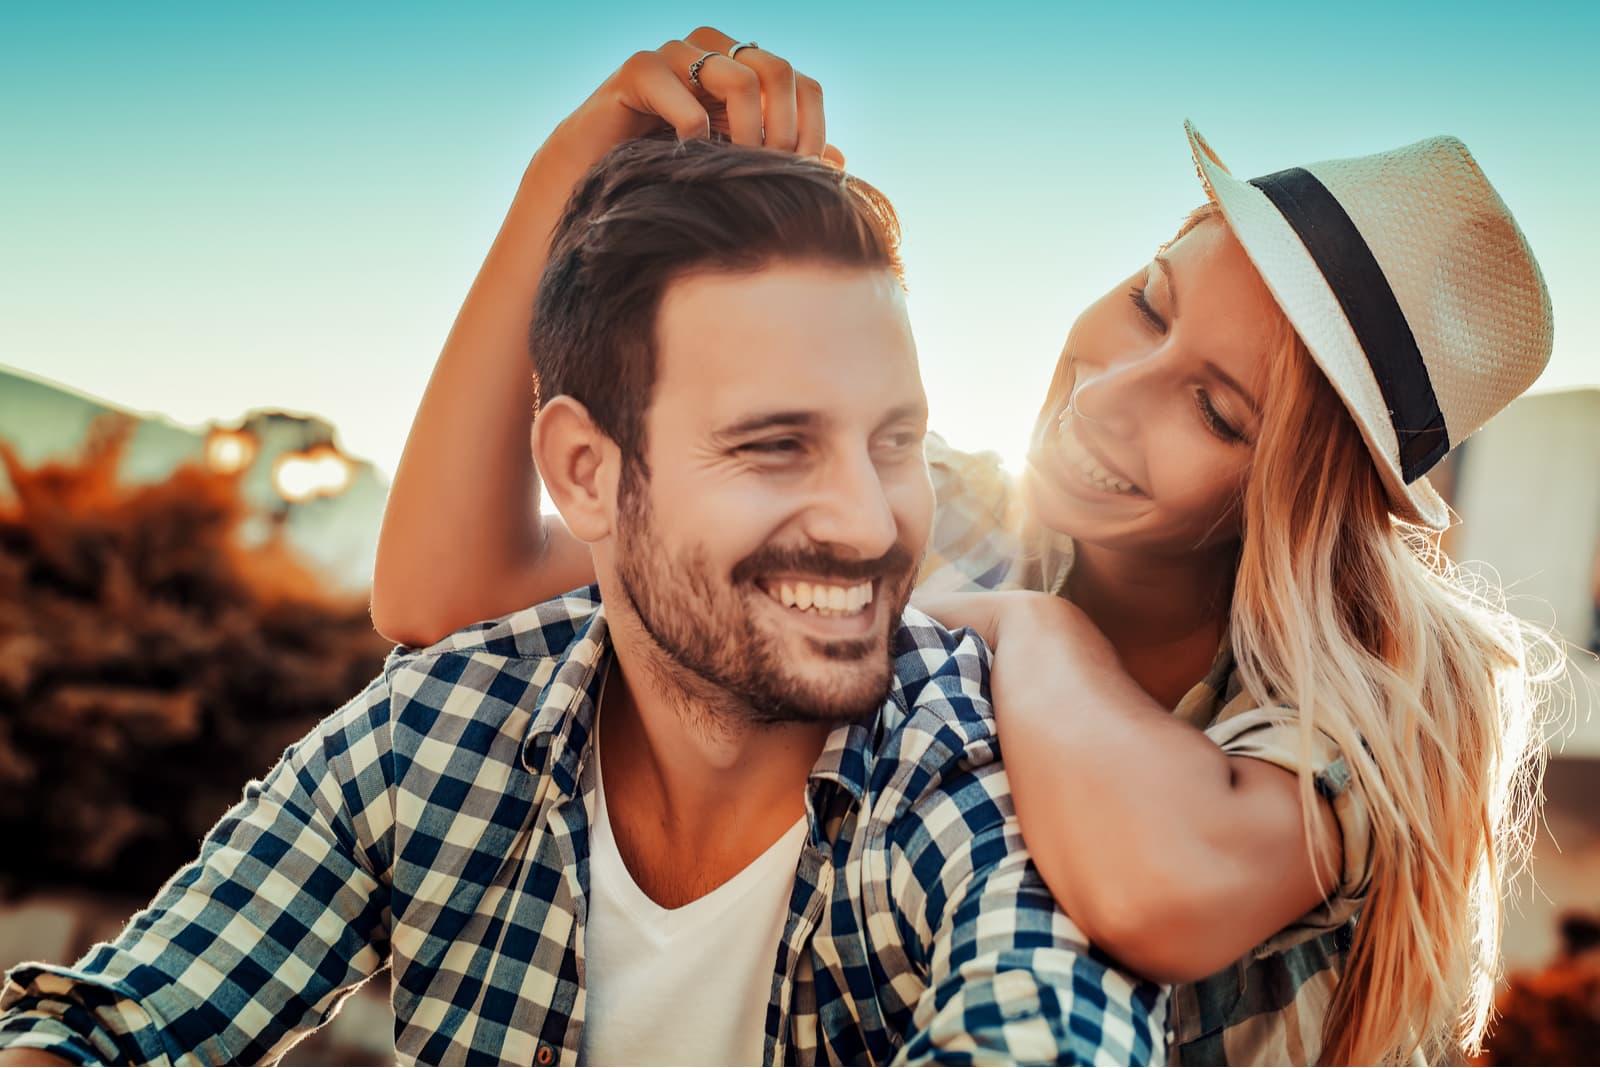 smiling woman touching man hair